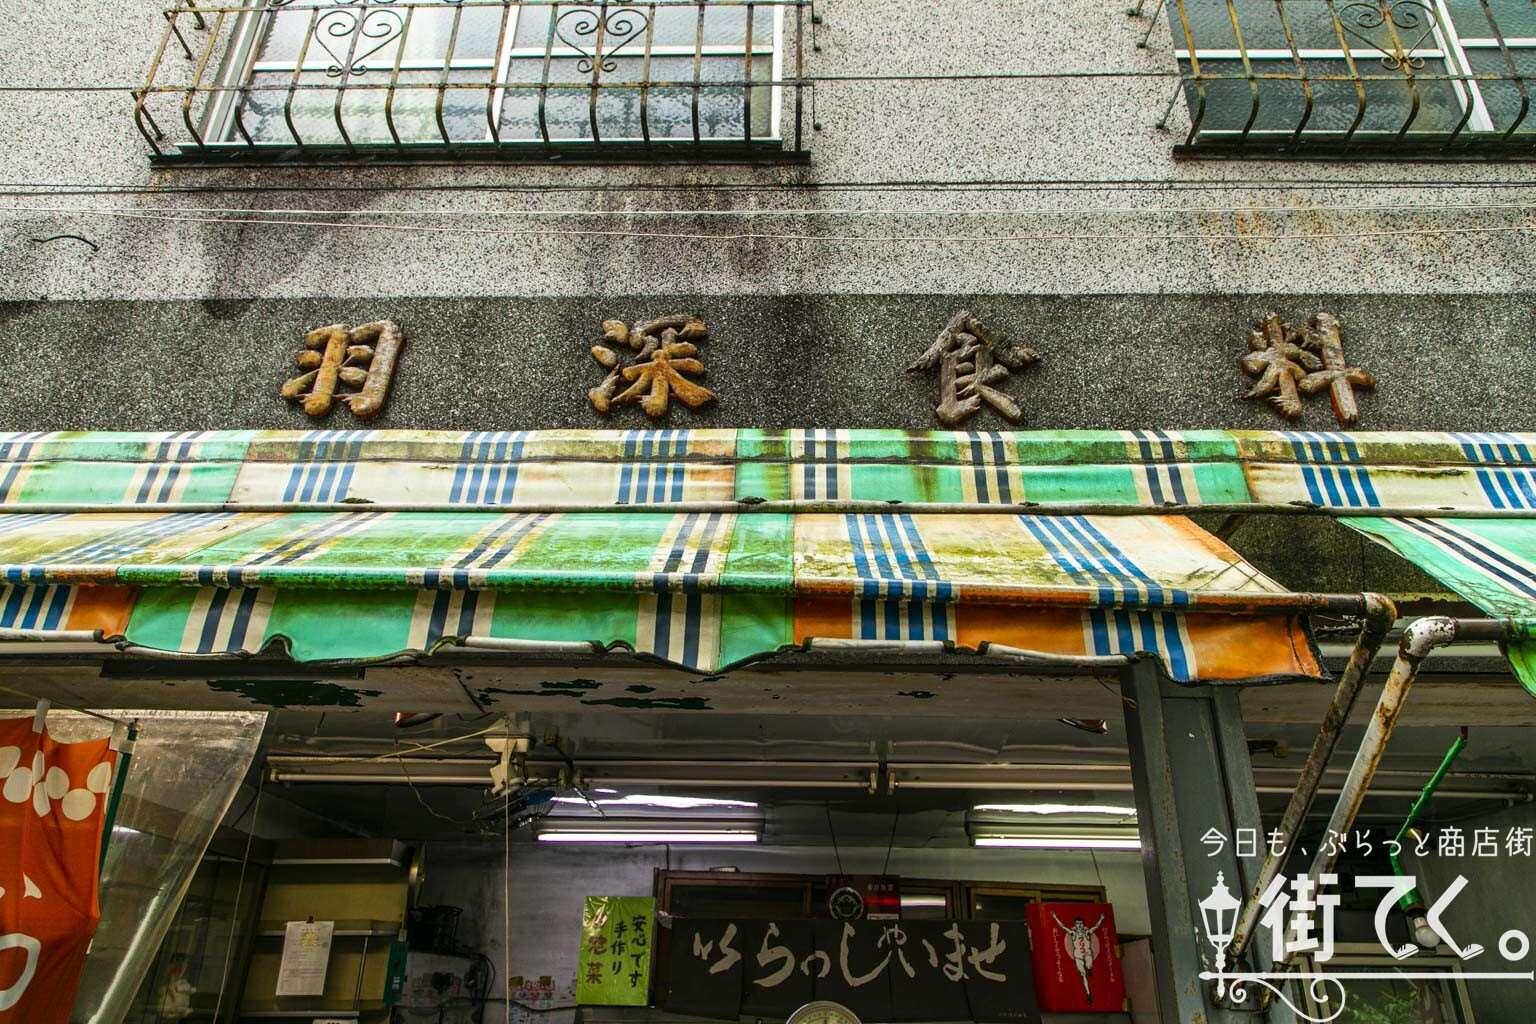 羽深食料品店